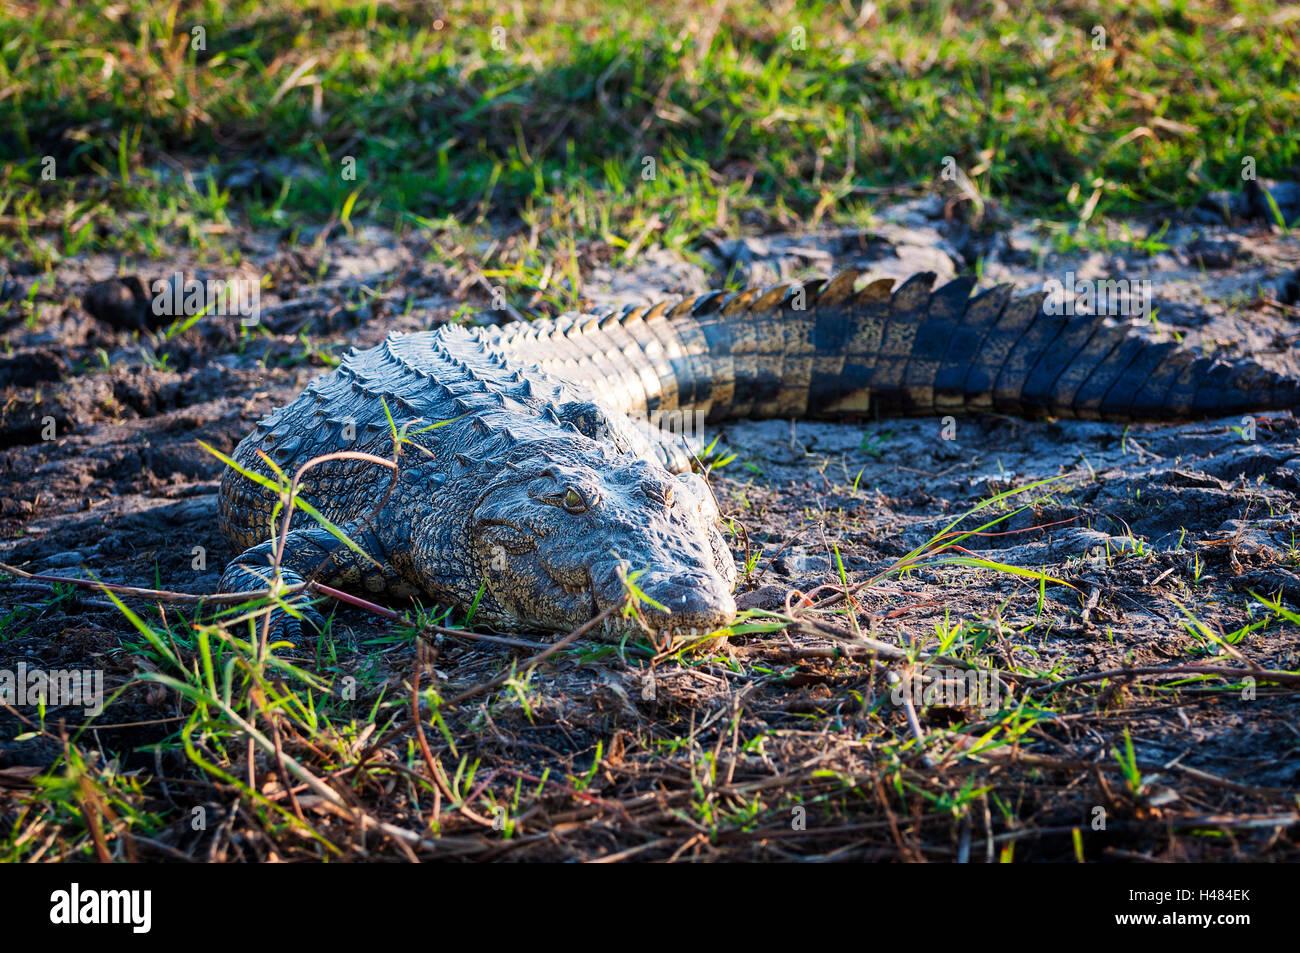 Le crocodile du Nil, sur les rives de la rivière Chobe, Parc National de Chobe, au Botswana, Afrique; Photo Stock